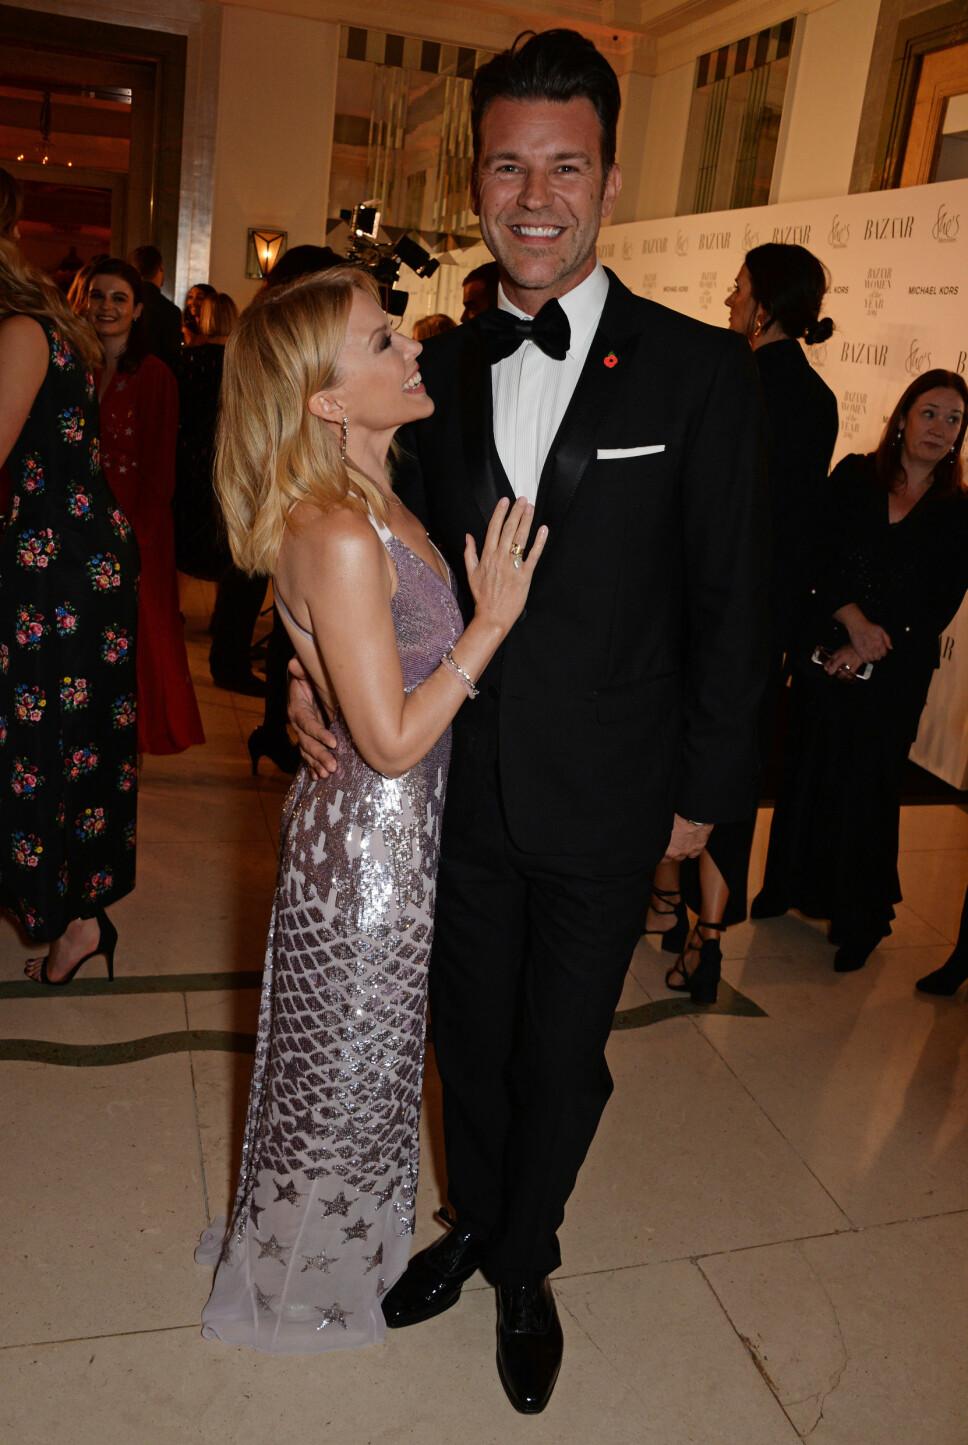 FORELSKET: Kylie ser ut til å være stormende forelsket i sin sju år yngre kjæreste, Paul Solomons.